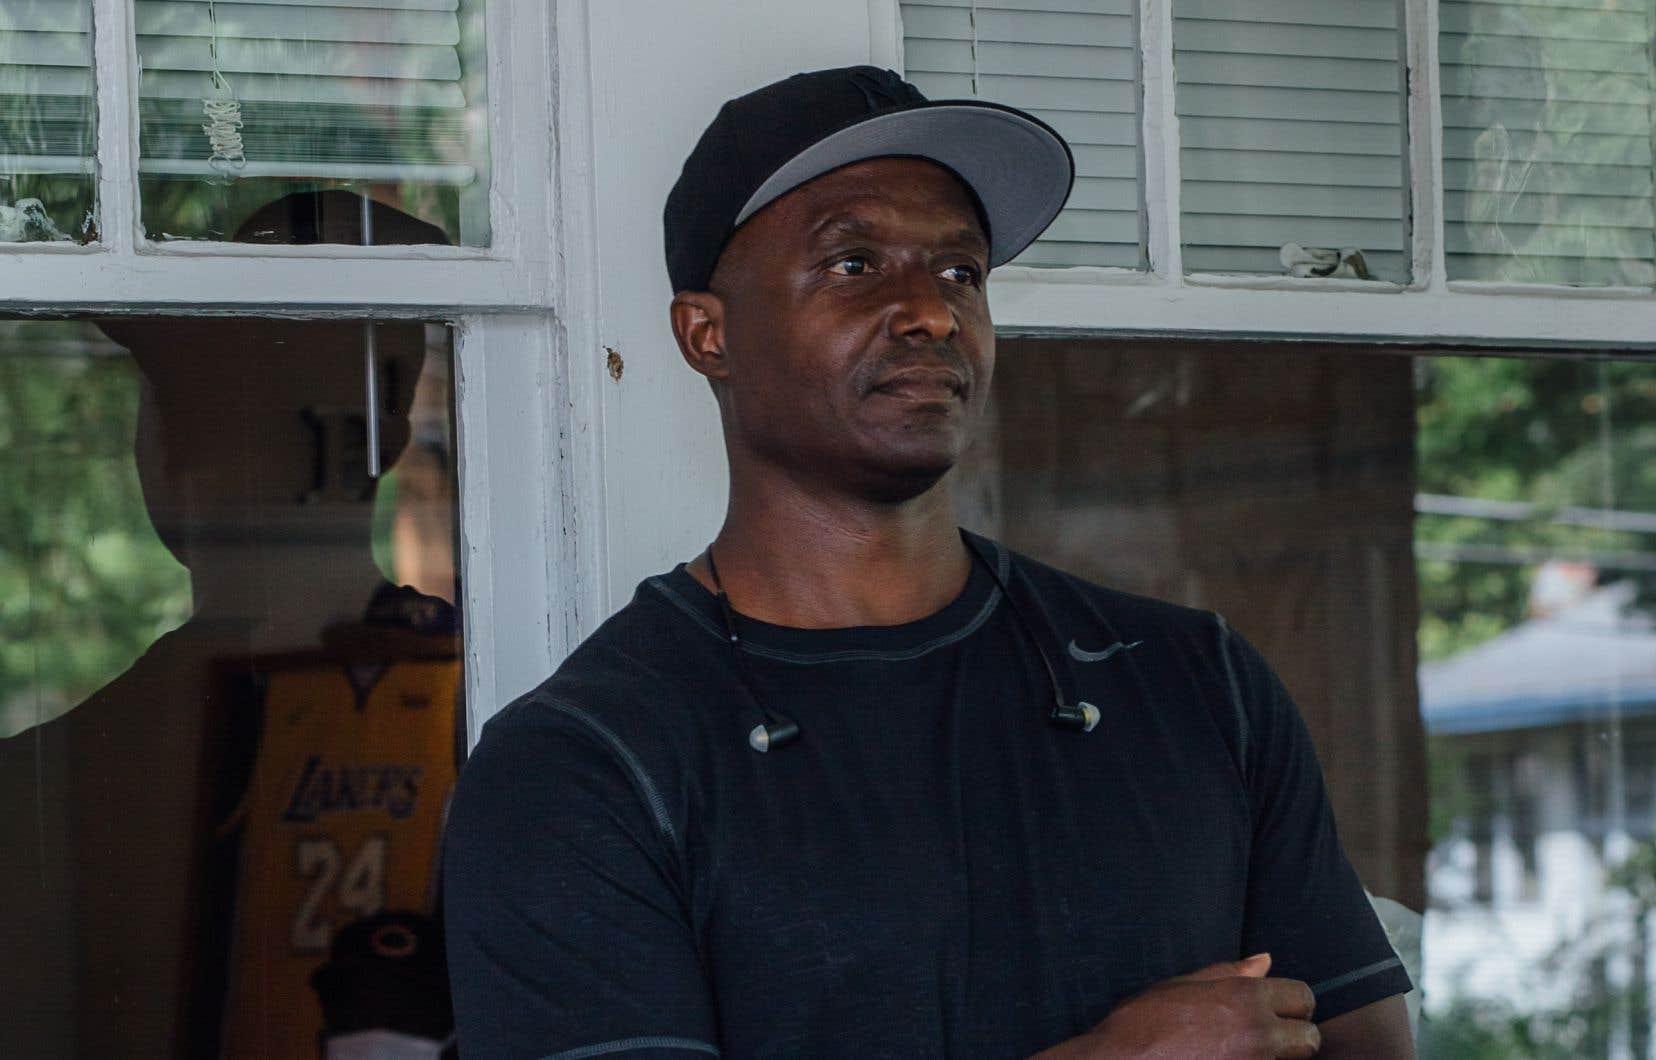 William Elmore, le fils de la fondatrice de Straight Talk, a reçu une sentence d'emprisonnement à vie en 1991. Cependant, en 2015, il a été libéré sur parole. «Je ne suis pas effrayé de savoir que j'ai une date d'expiration. Ça me motive à vivre plus pleinement. Ça me pousse à rester honnête, dynamique, passionné.»